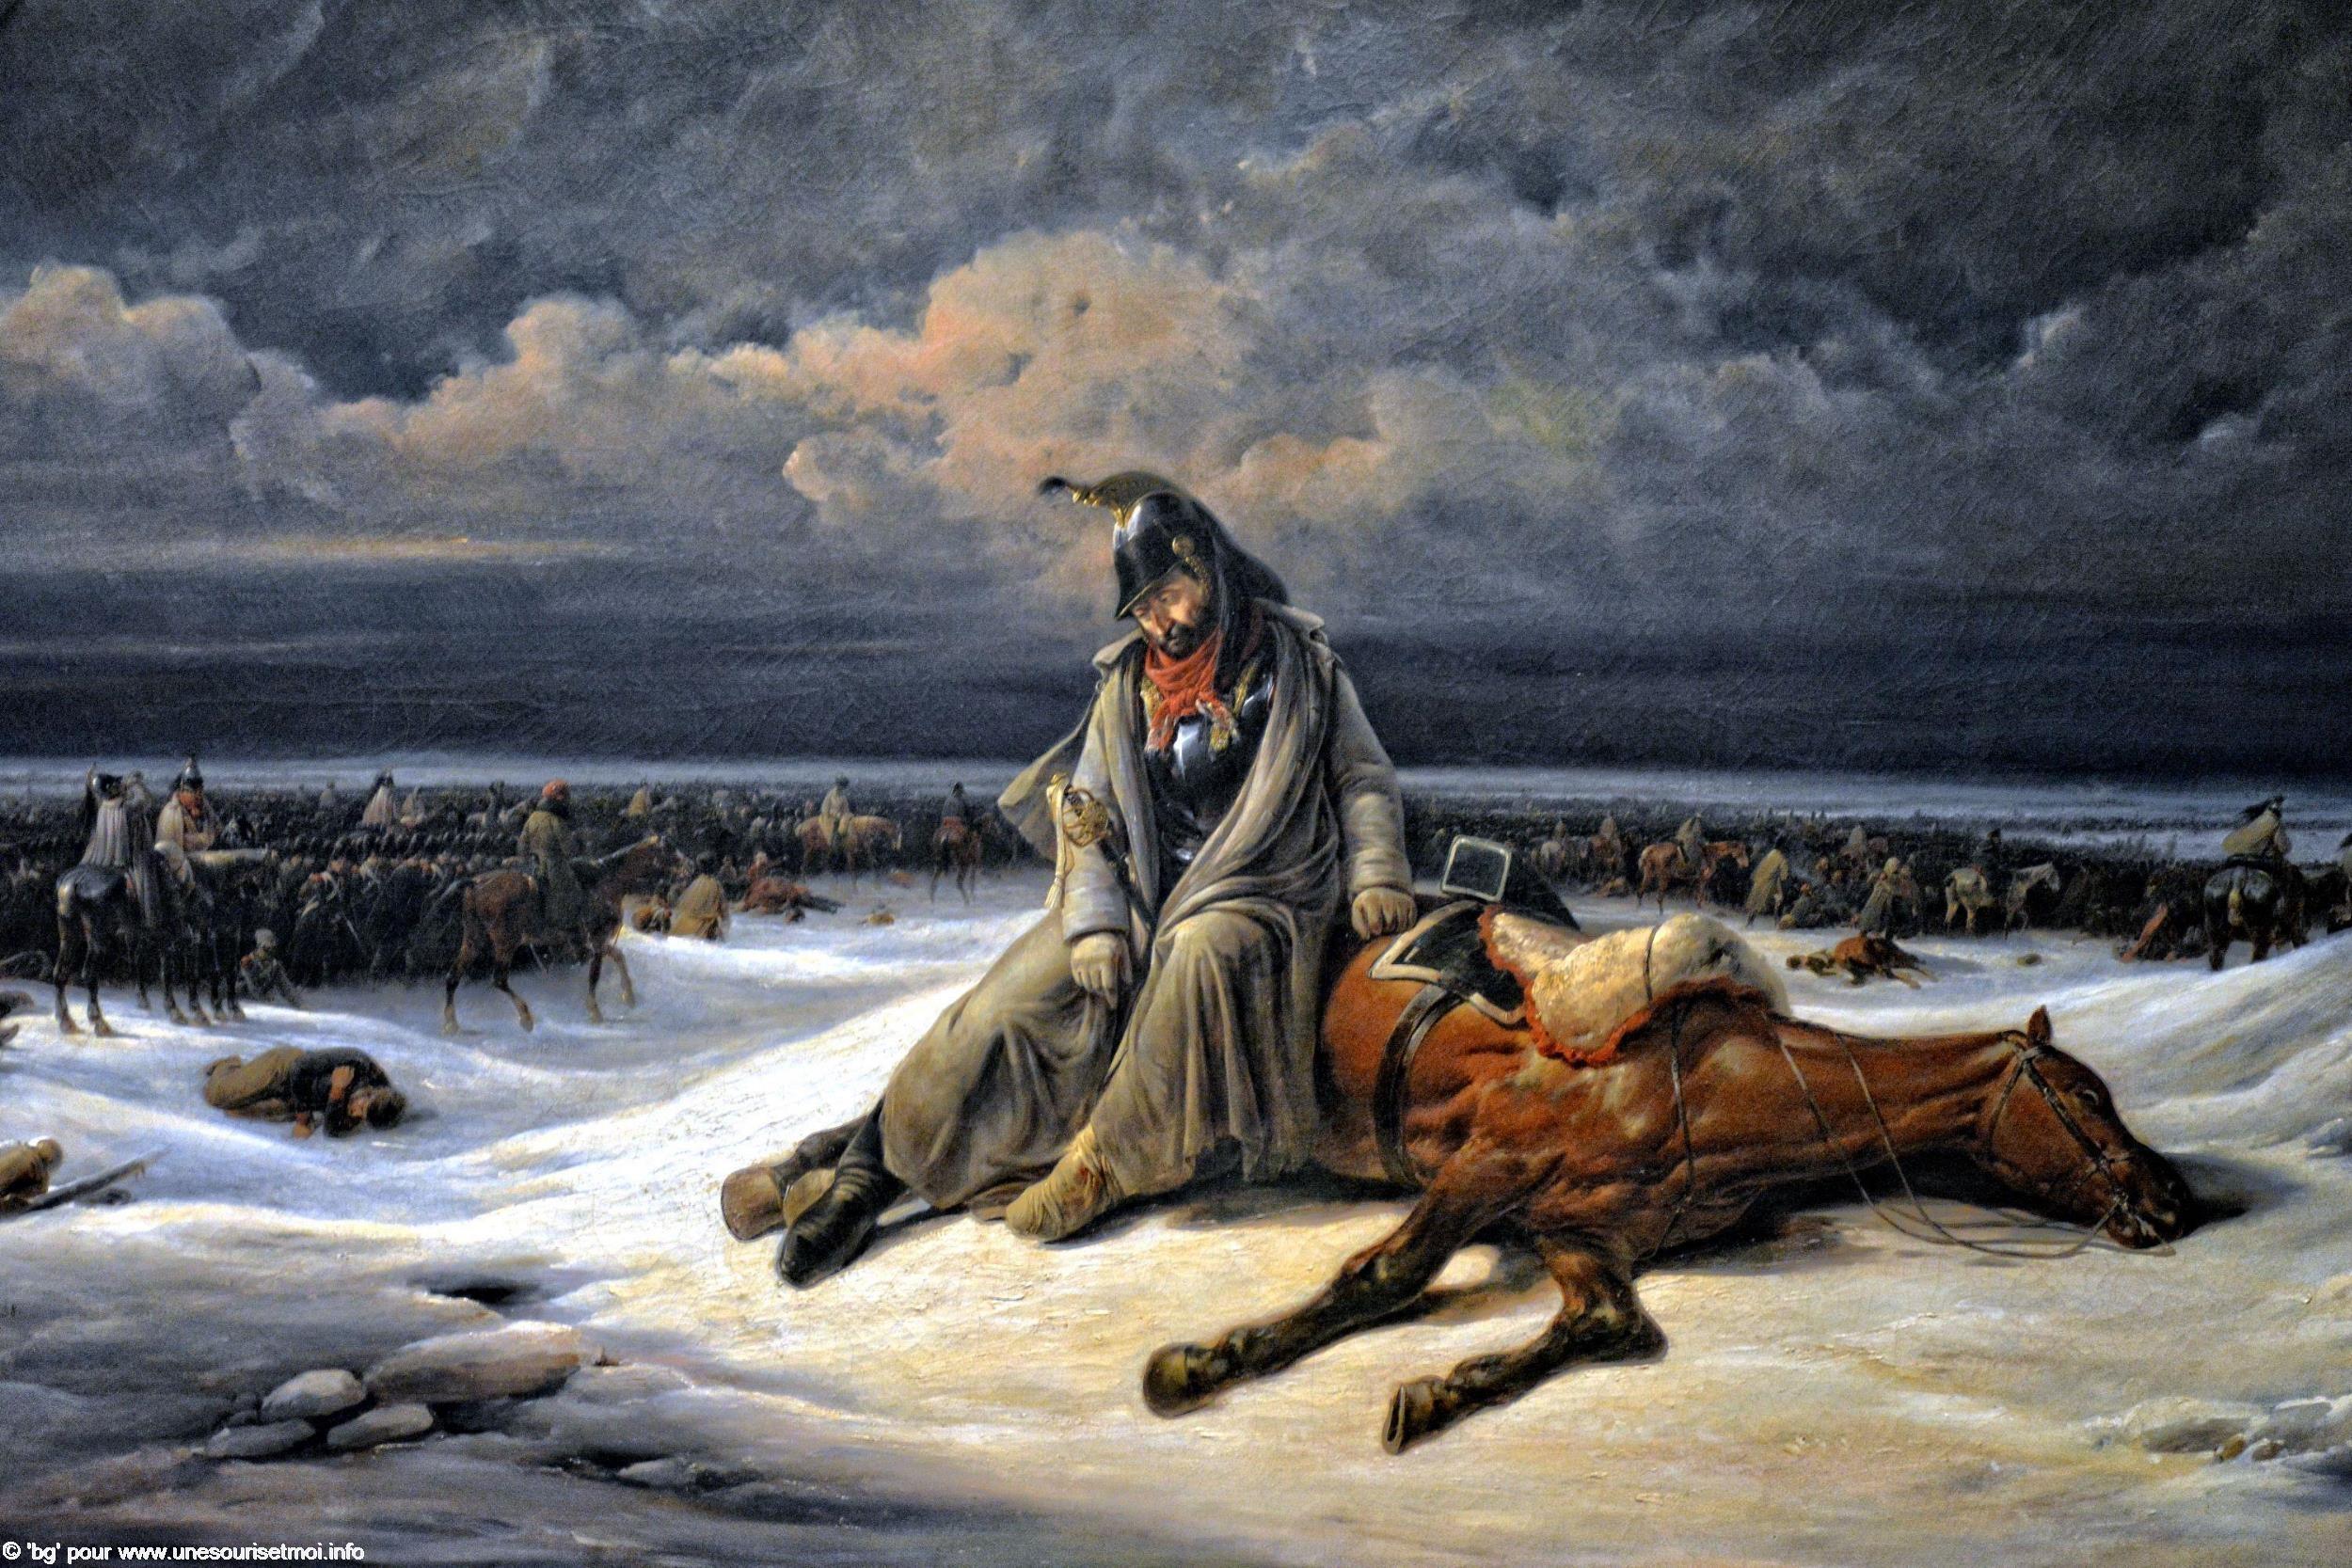 guerres-napoleoniennes-retraite-de-russie-bernard-edouard-swebach-1938-huile-sur-toile